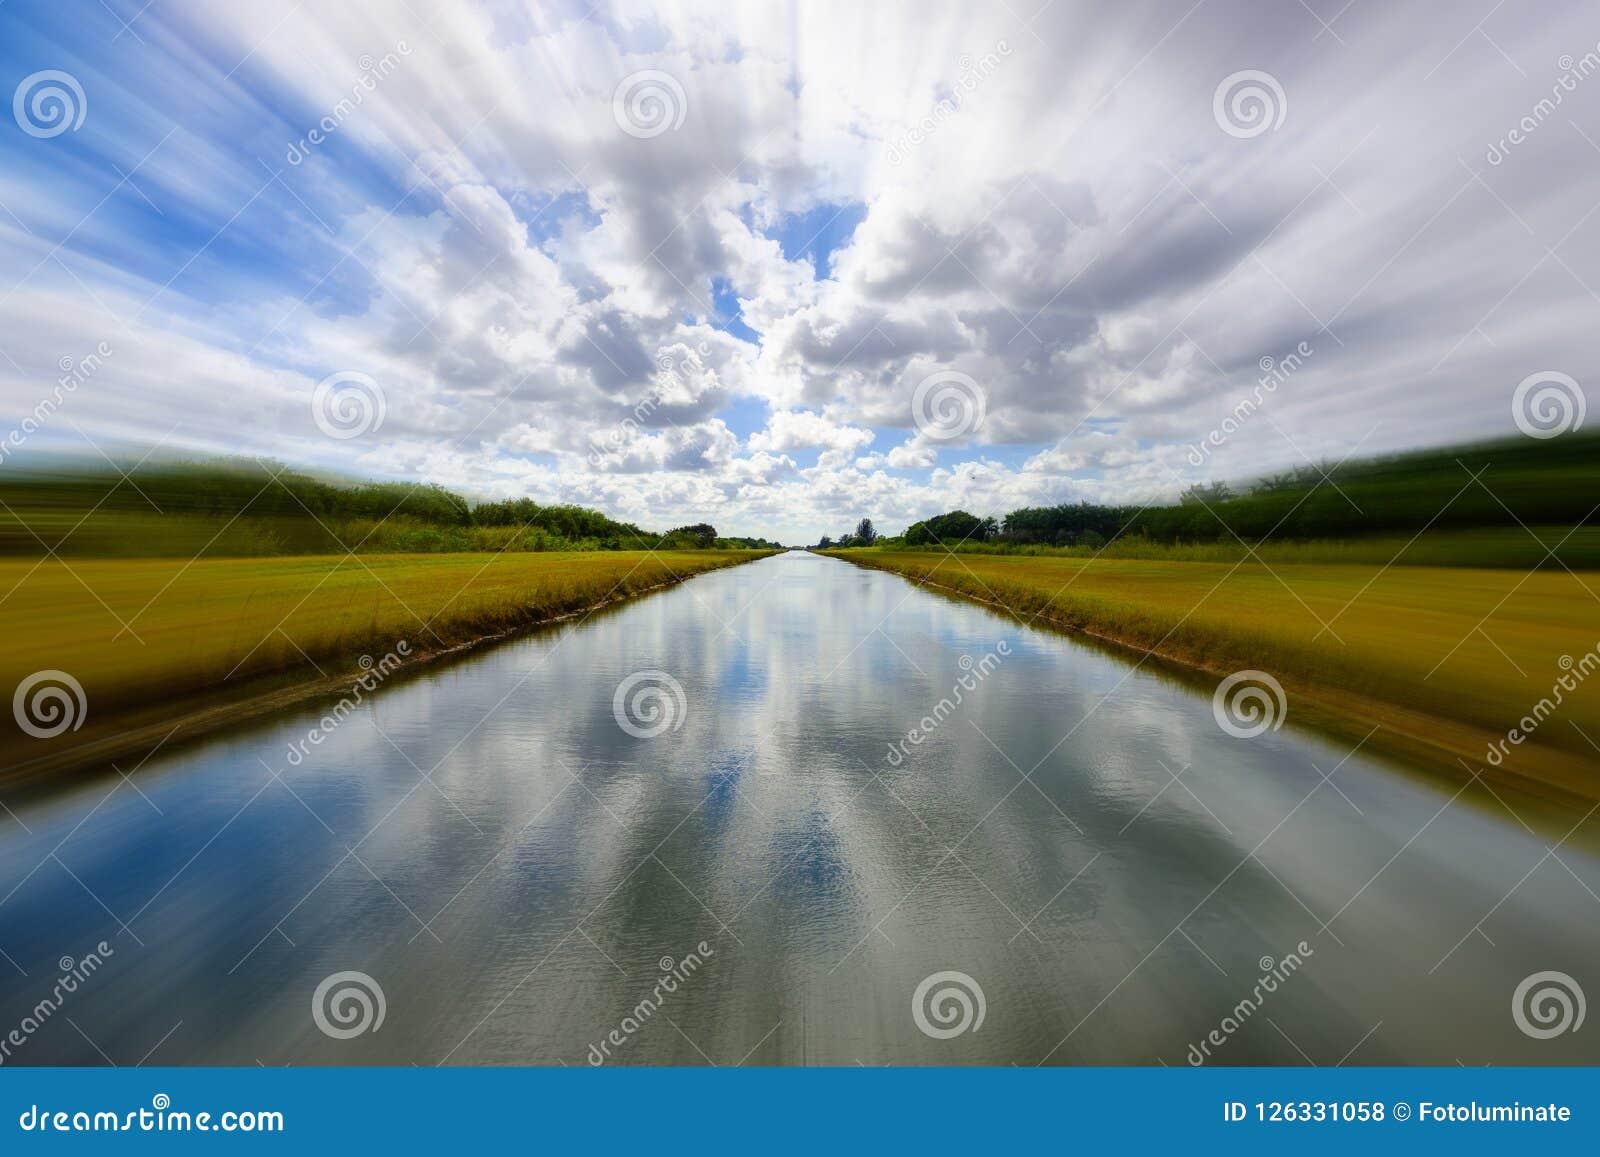 Langer ländlicher Kanal